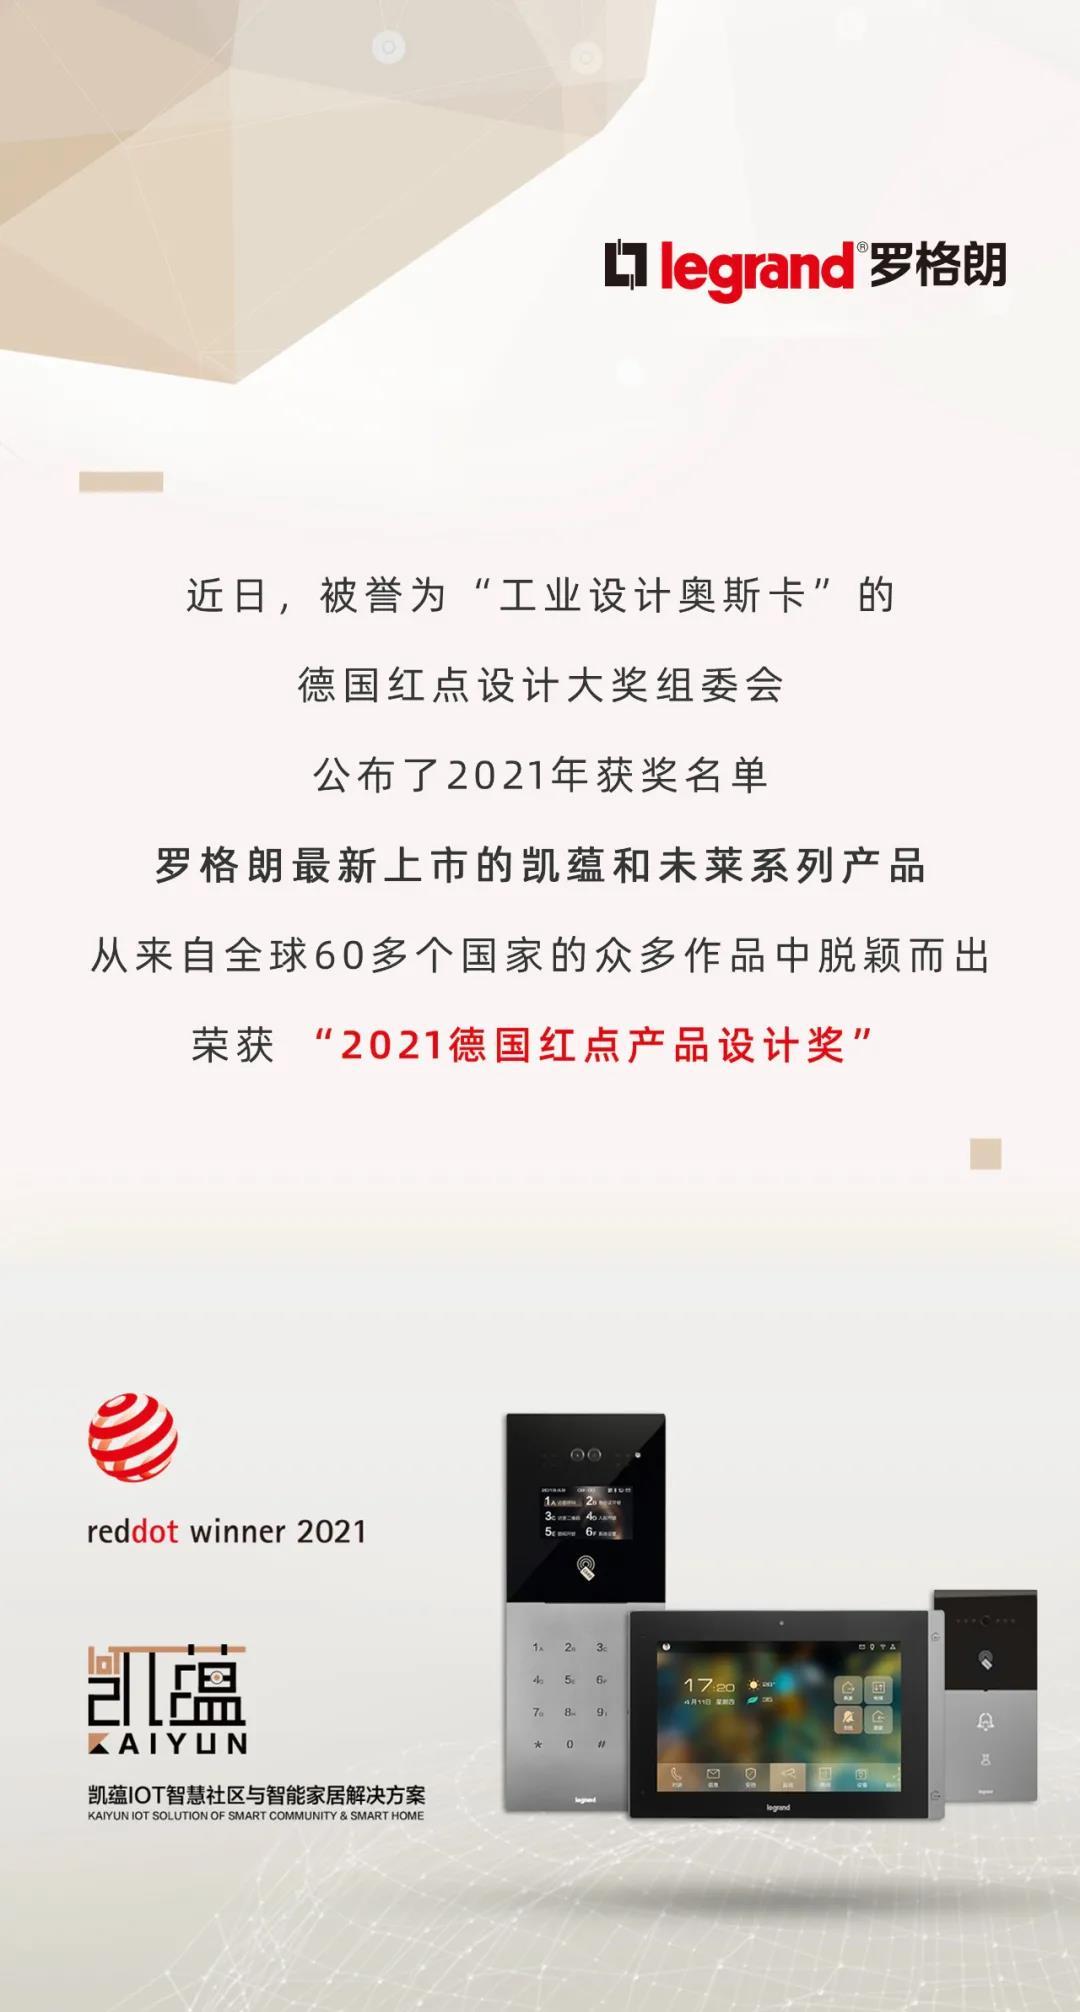 罗格朗凯蕴、未莱系列,荣获2021德国红点设计产品设计奖